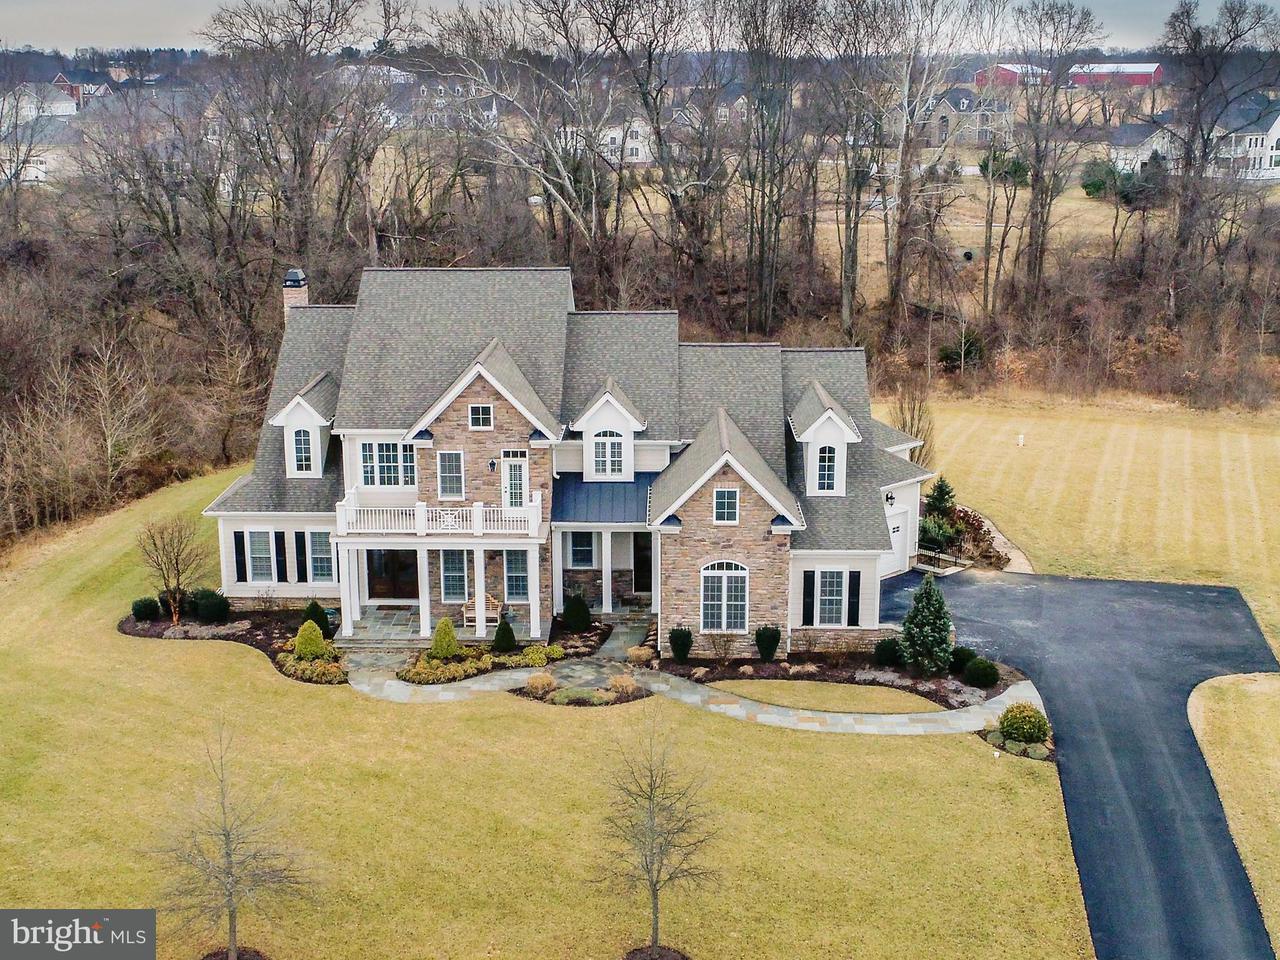 獨棟家庭住宅 為 出售 在 12431 Watkins Brg 12431 Watkins Brg Clarksville, 馬里蘭州 21029 美國